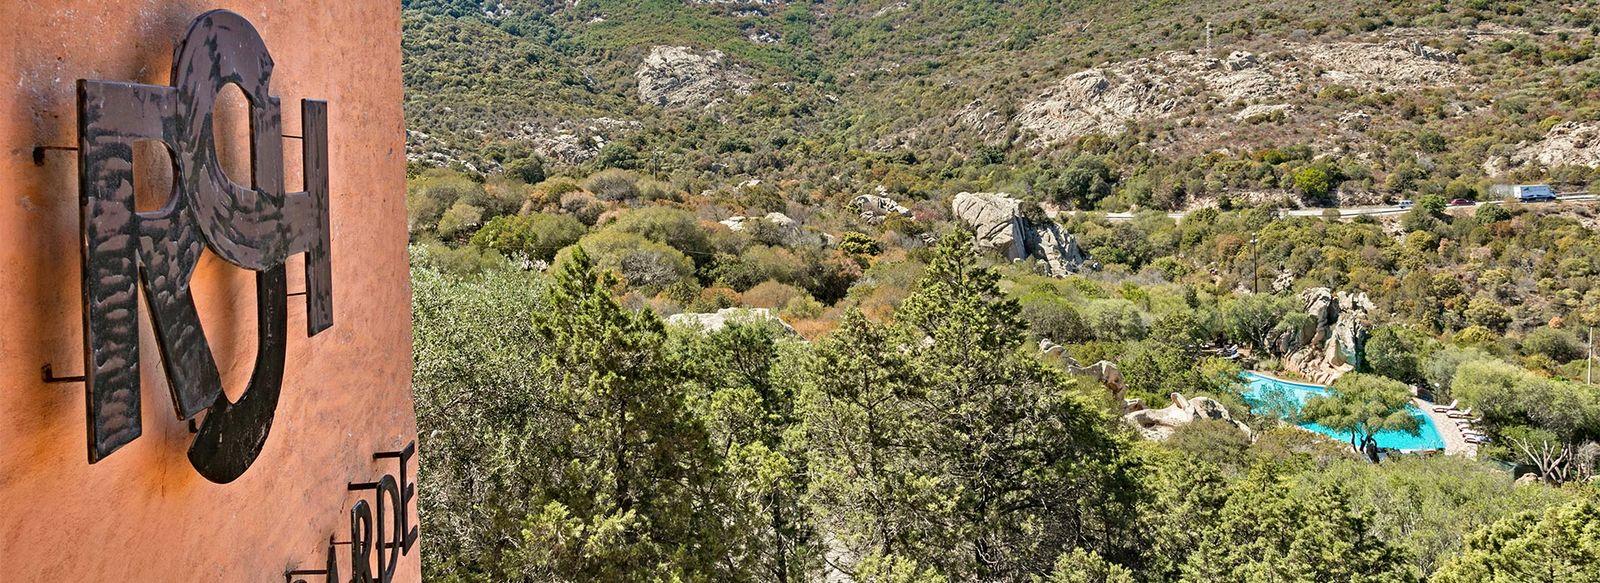 Pace e tranquillita' in un'oasi naturale